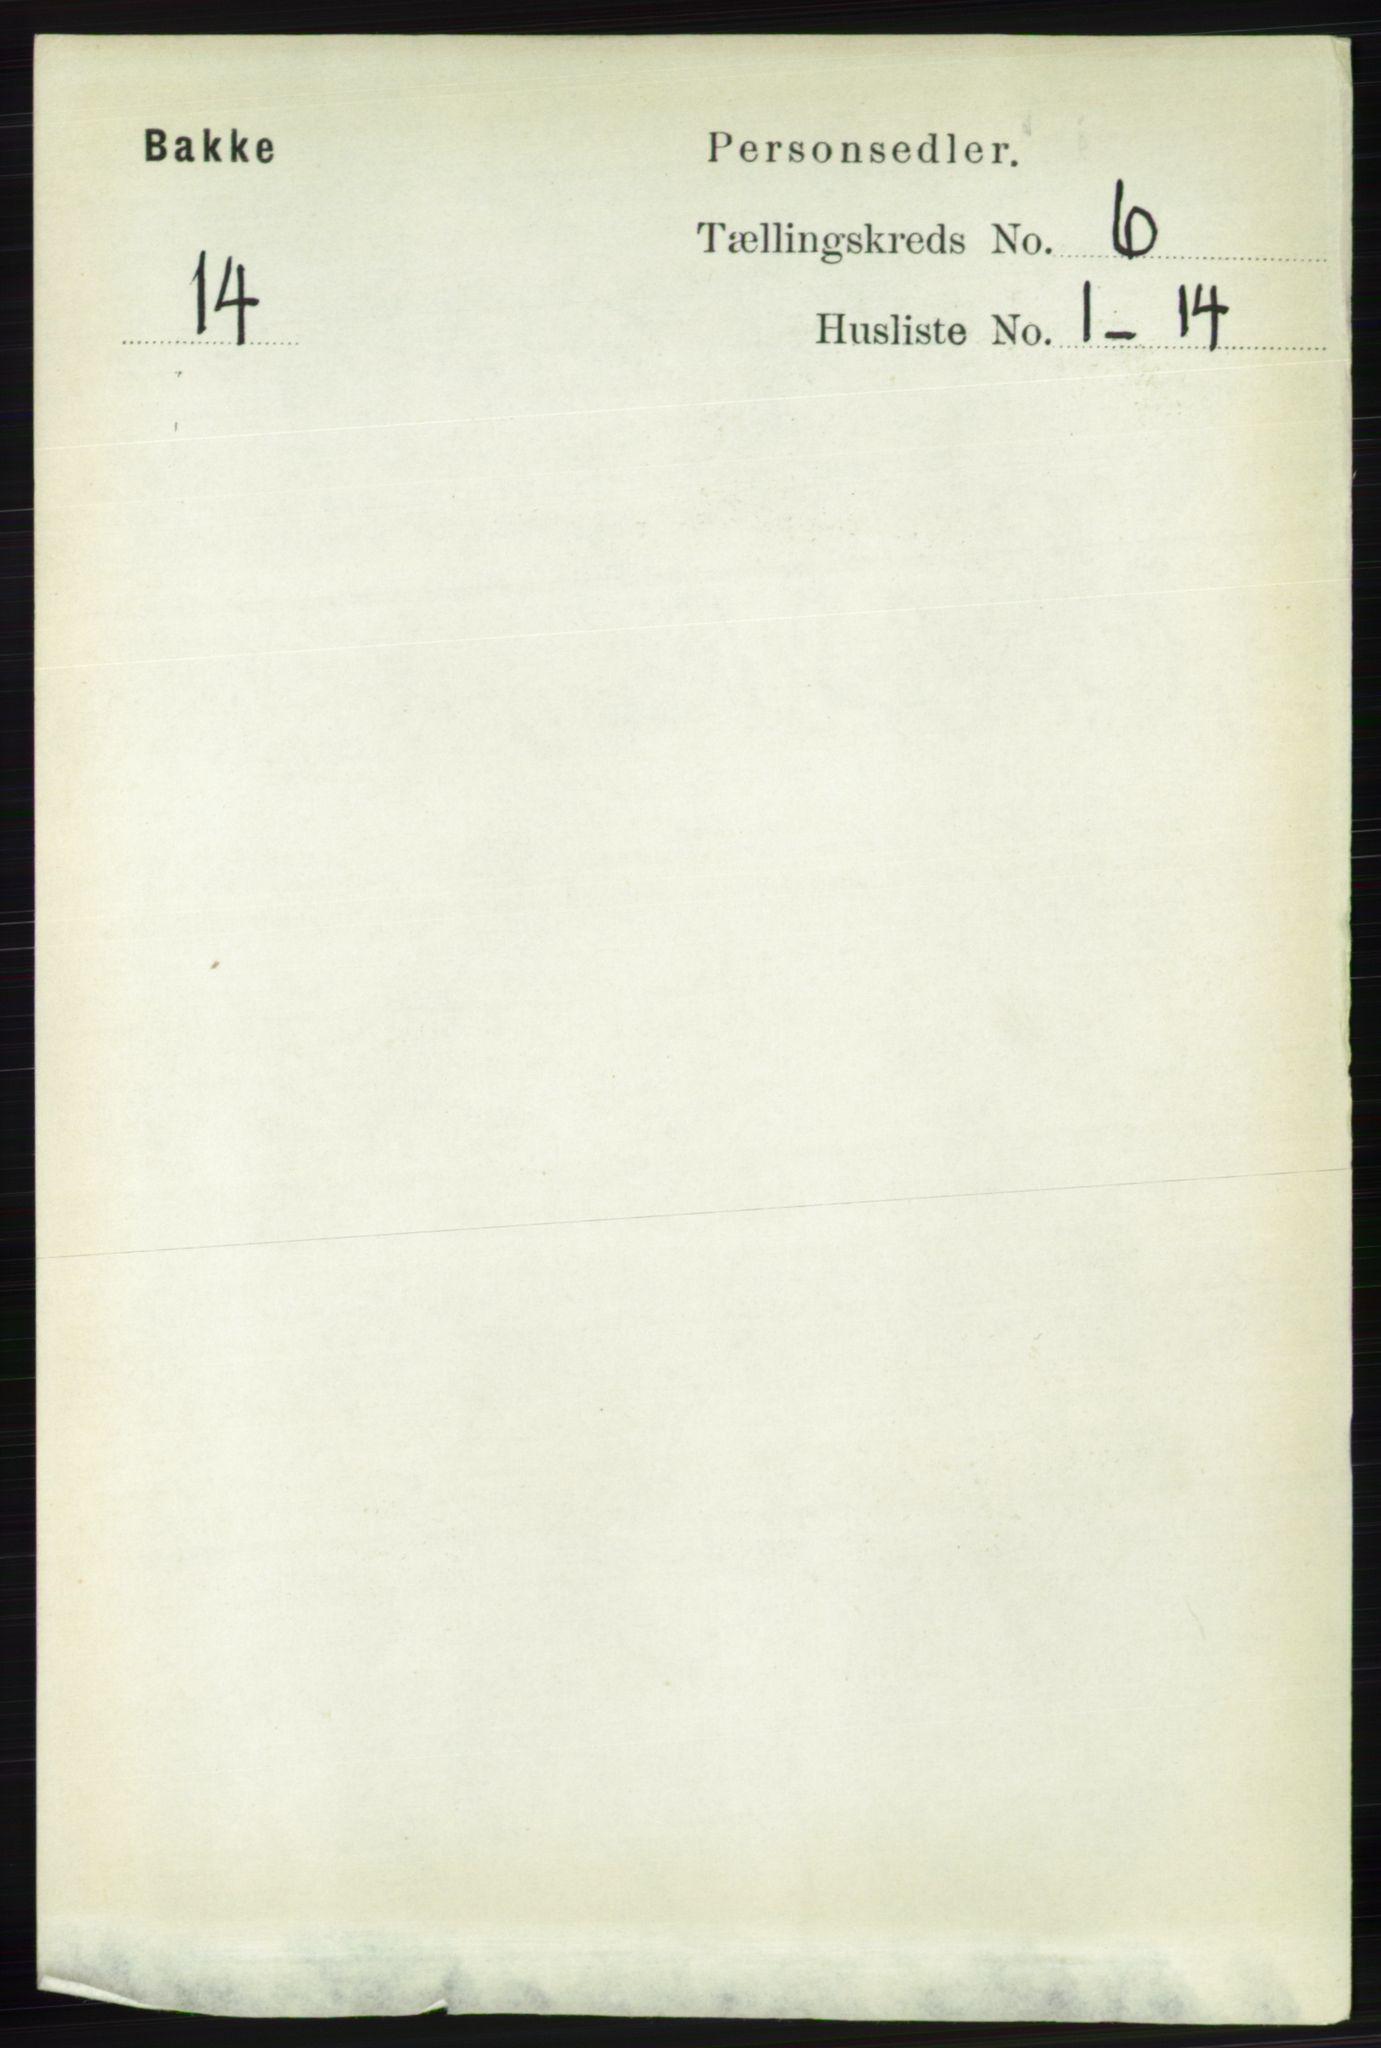 RA, Folketelling 1891 for 1045 Bakke herred, 1891, s. 1171